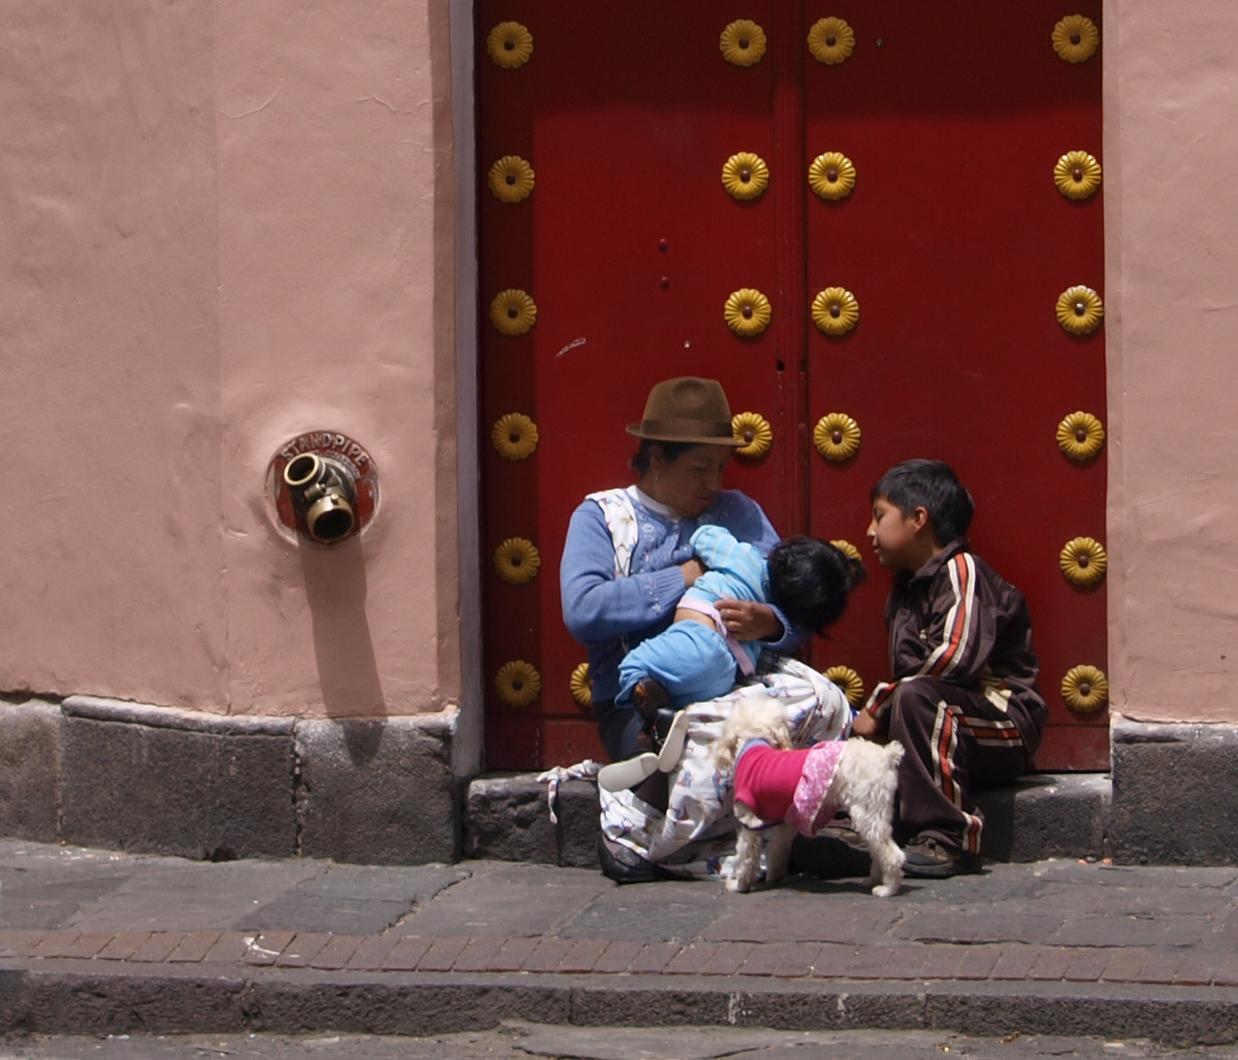 Mãe latina cuidando dos filhos à porta vermelha de um prédio: ilustra a seção a respeito dos textos das linhas de ''Chia Jen / A Família'', um dos 64 hexagramas do I Ching, o Livro das Mutações